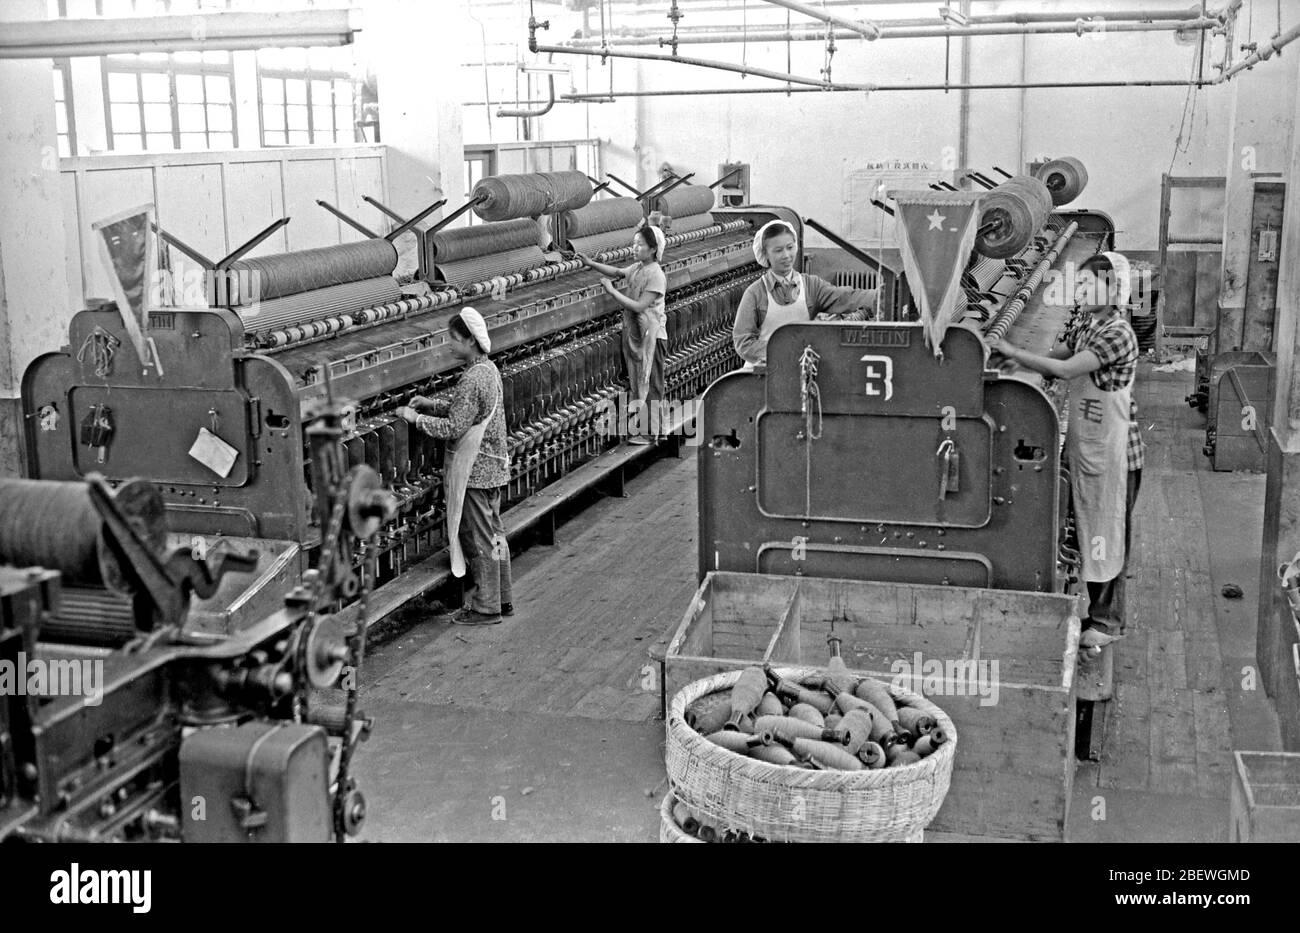 En juillet 1958, l'atelier de filature de la fabrique de filature de laine Yinchuan Banque D'Images